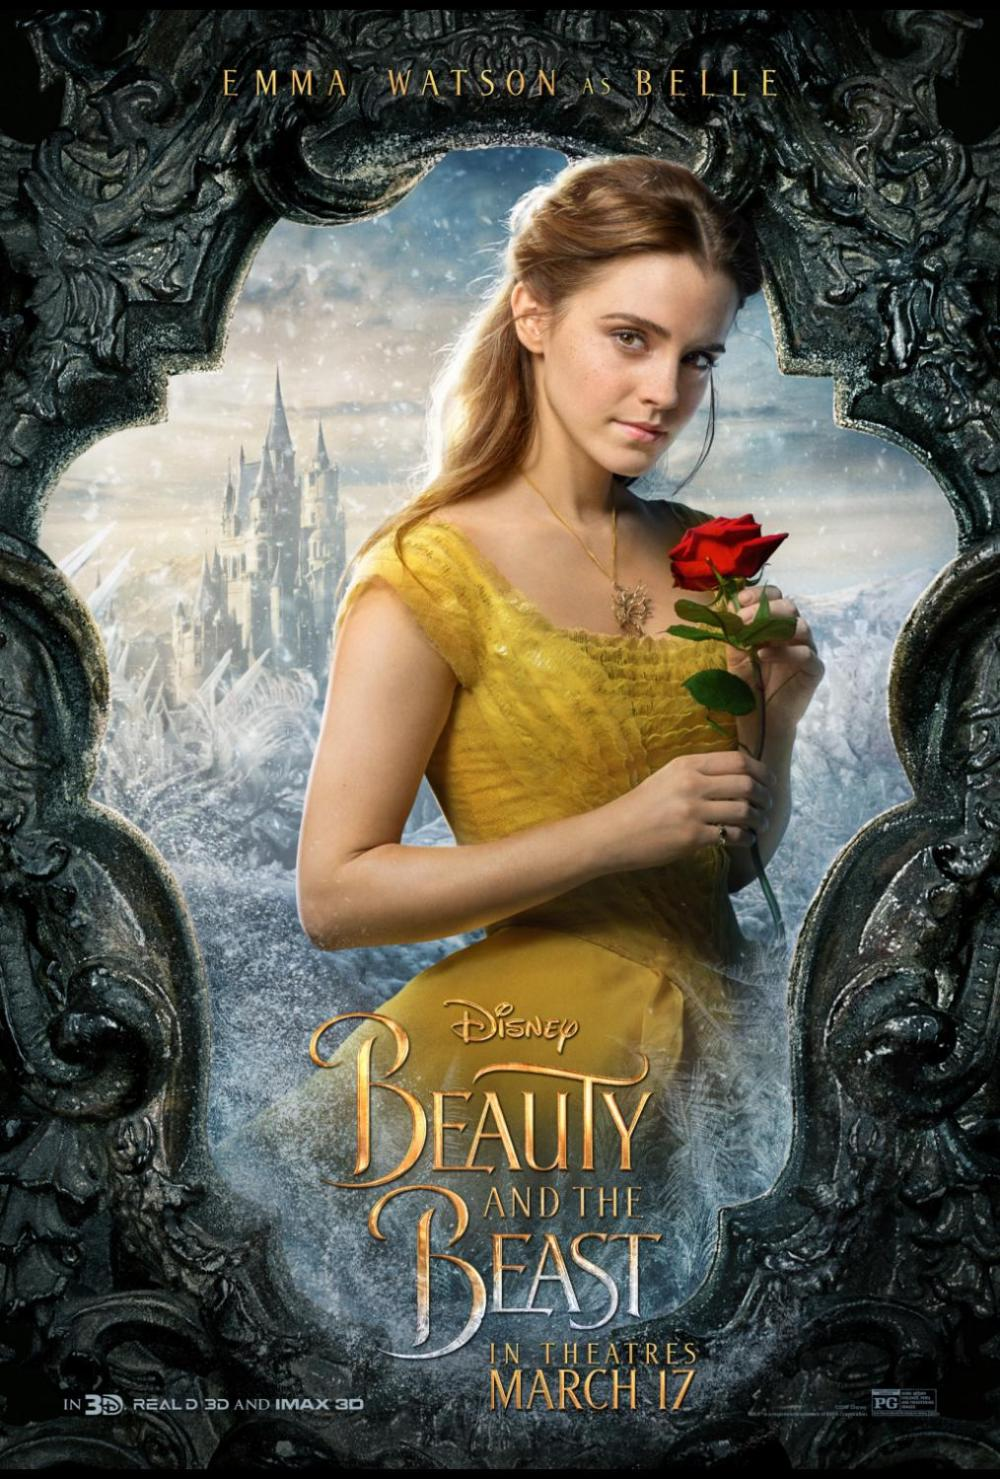 BeautyAndTheBeast588a551ee9d6e.jpg